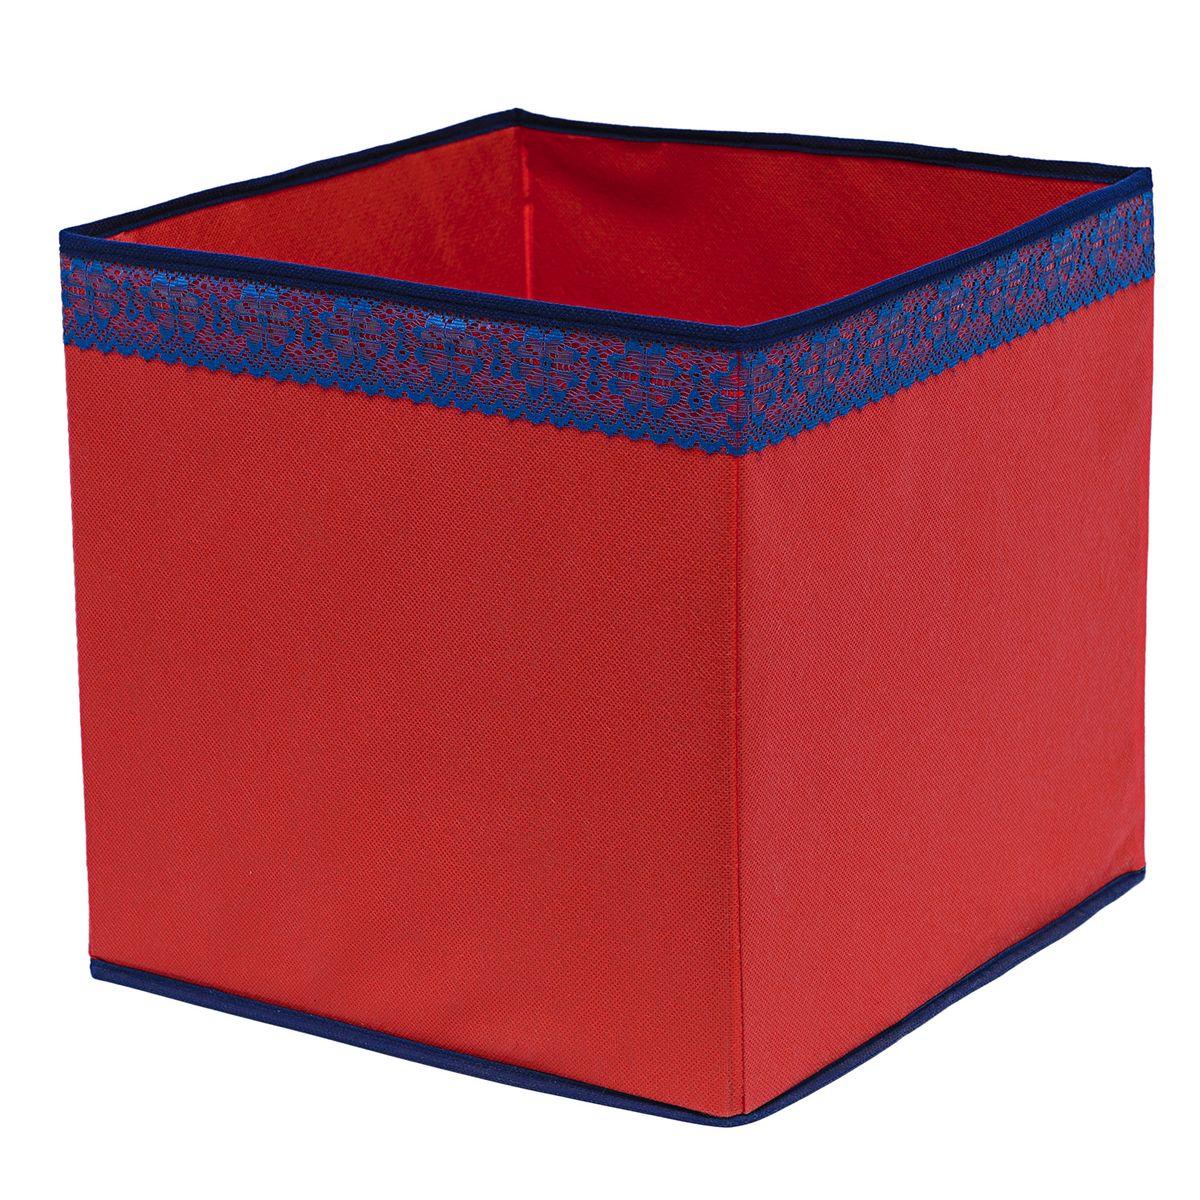 Кофр для хранения Homsu Rosso, 32 х 32 х 32 смZ-0307Кофр для хранения Homsu Rosso изготовлен из высококачественного нетканого полотна и декорирован вставкой из кружева. Кофр имеет одно большое отделение, где вы можете хранить различные бытовые вещи, нижнее белье, одежду и многое другое. Вставки из картона обеспечивают прочность конструкции. Стильный принт, модный цвет и качество исполнения сделают такой кофр незаменимым для хранения ваших вещей.